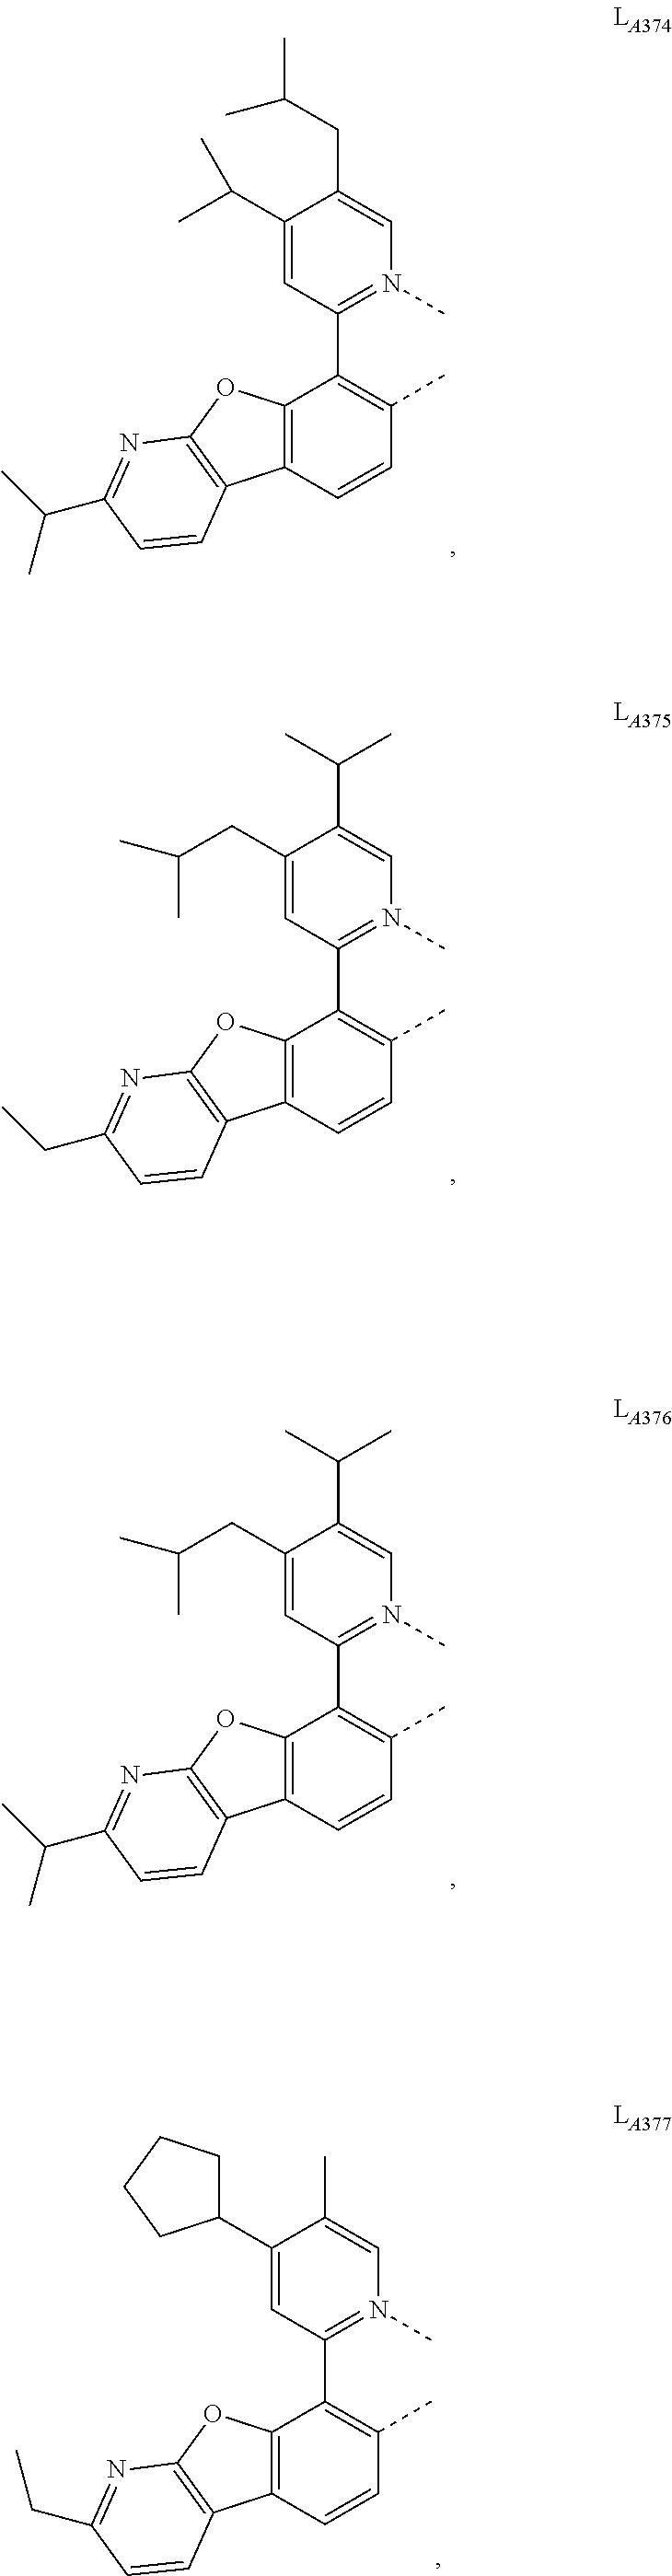 Figure US20160049599A1-20160218-C00098